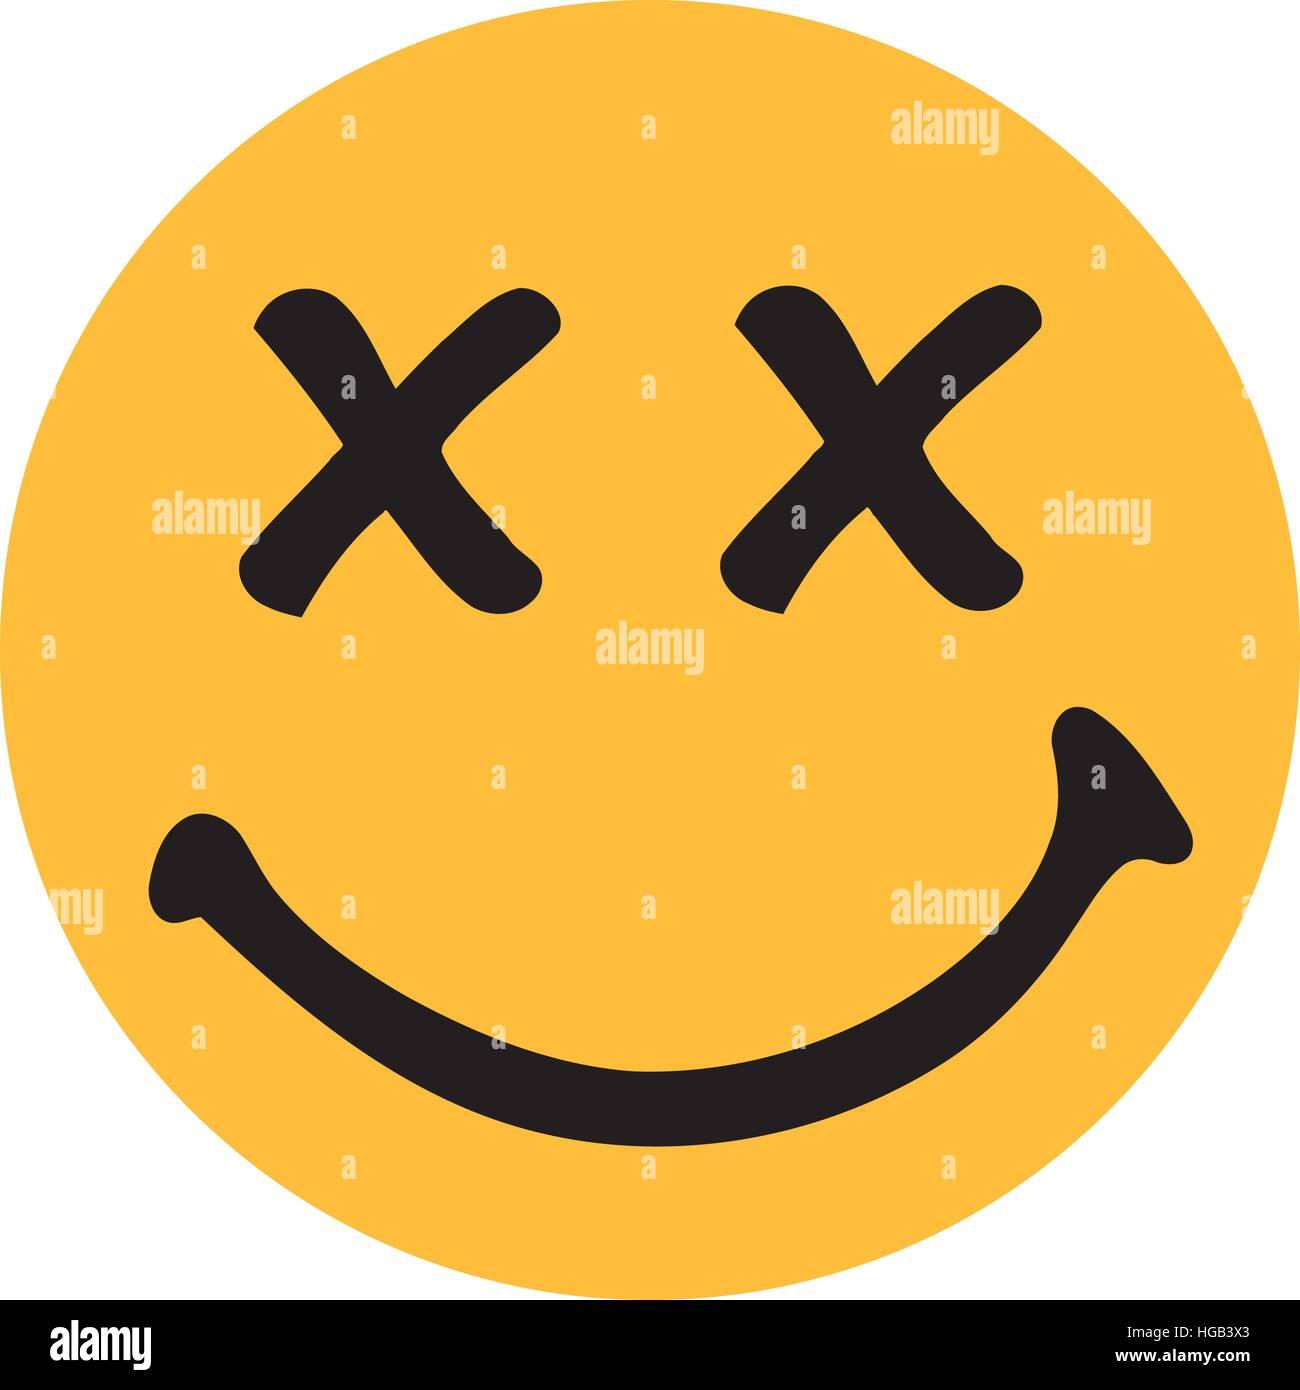 X Smiley